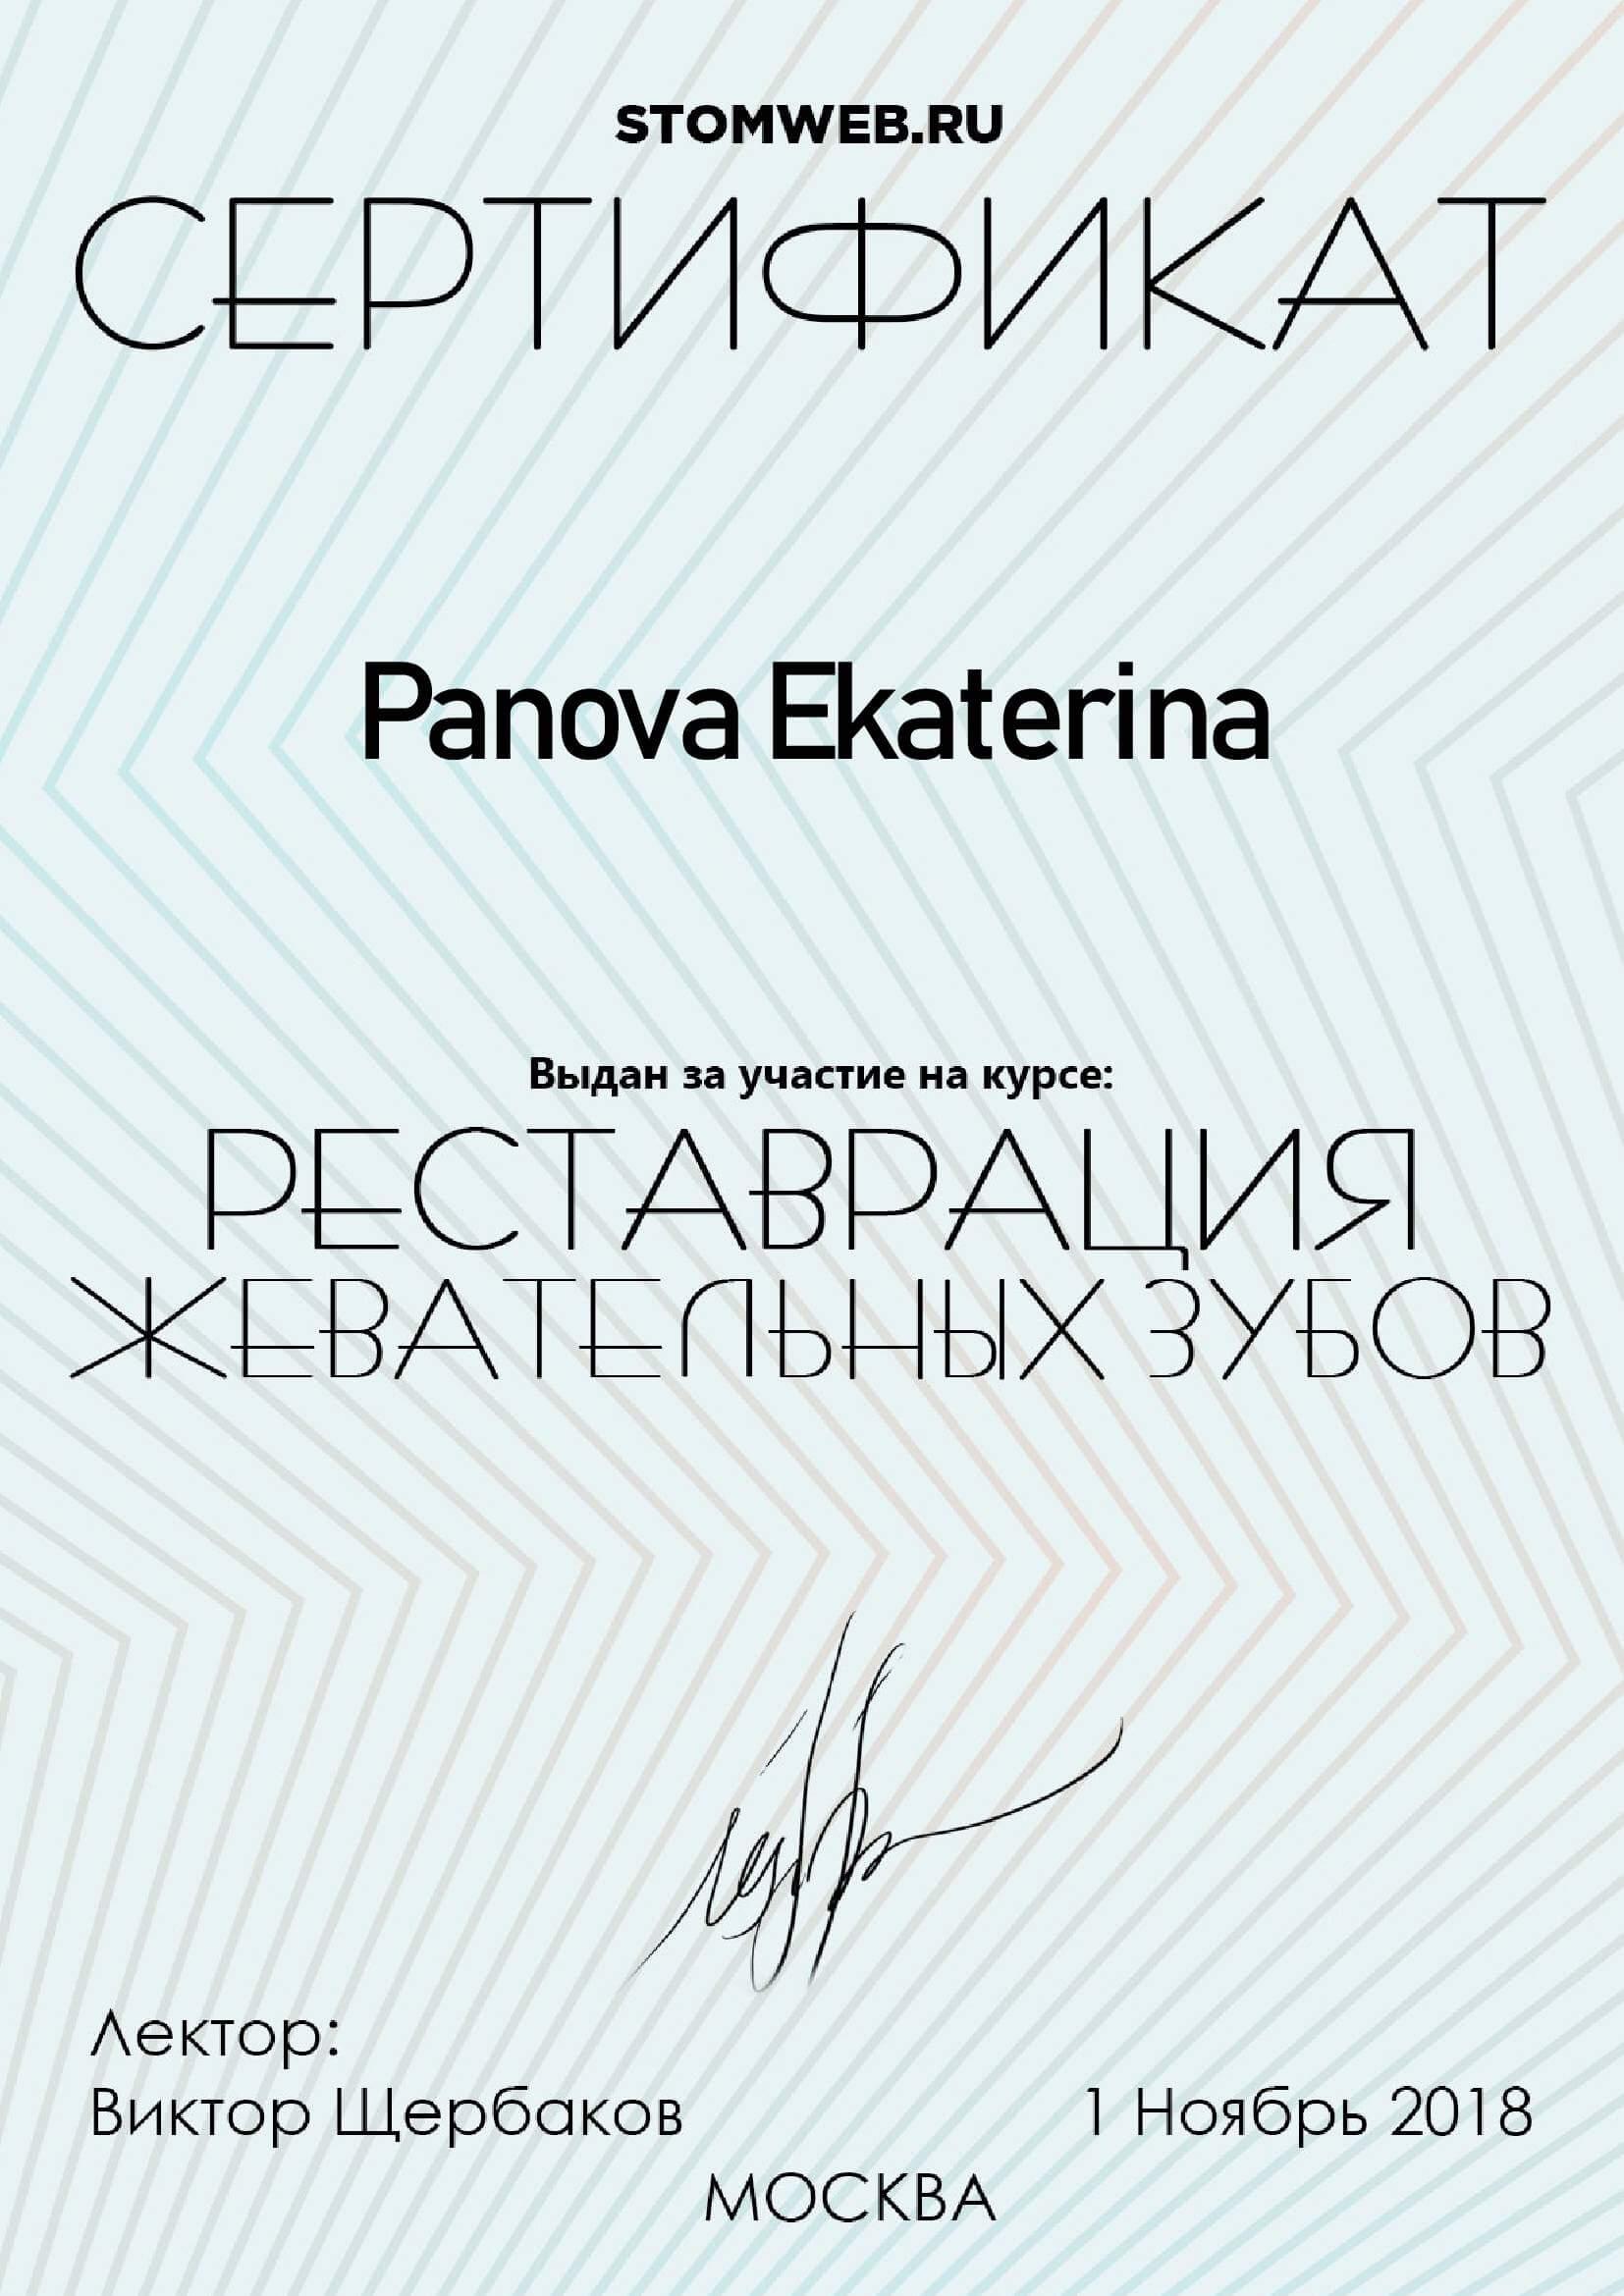 Щербаков_Страница_130_Изображение_0001